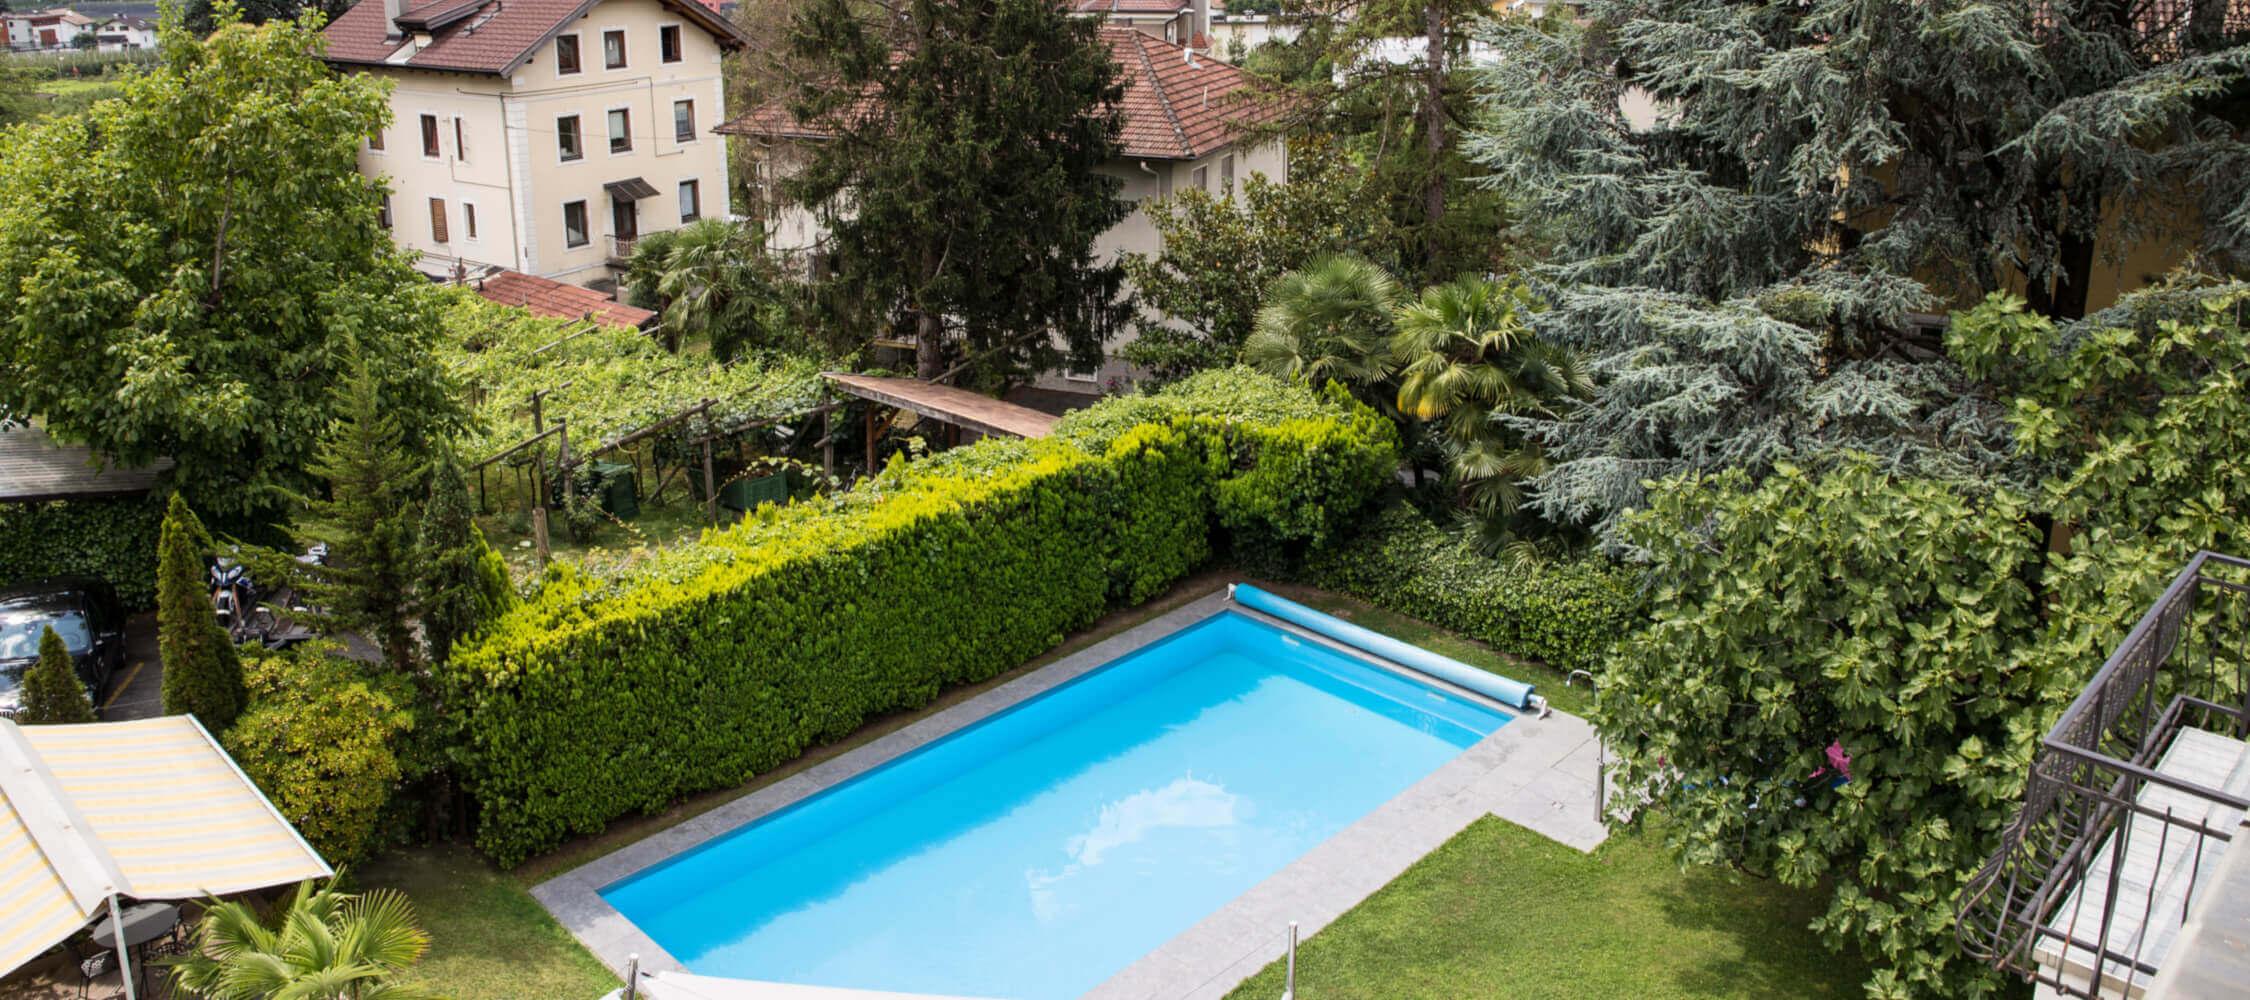 Hotel-Villa-Laurus-Merano-Rooms-Balkon-Panorama-Sued-Anguane-6900-2-2250x1000